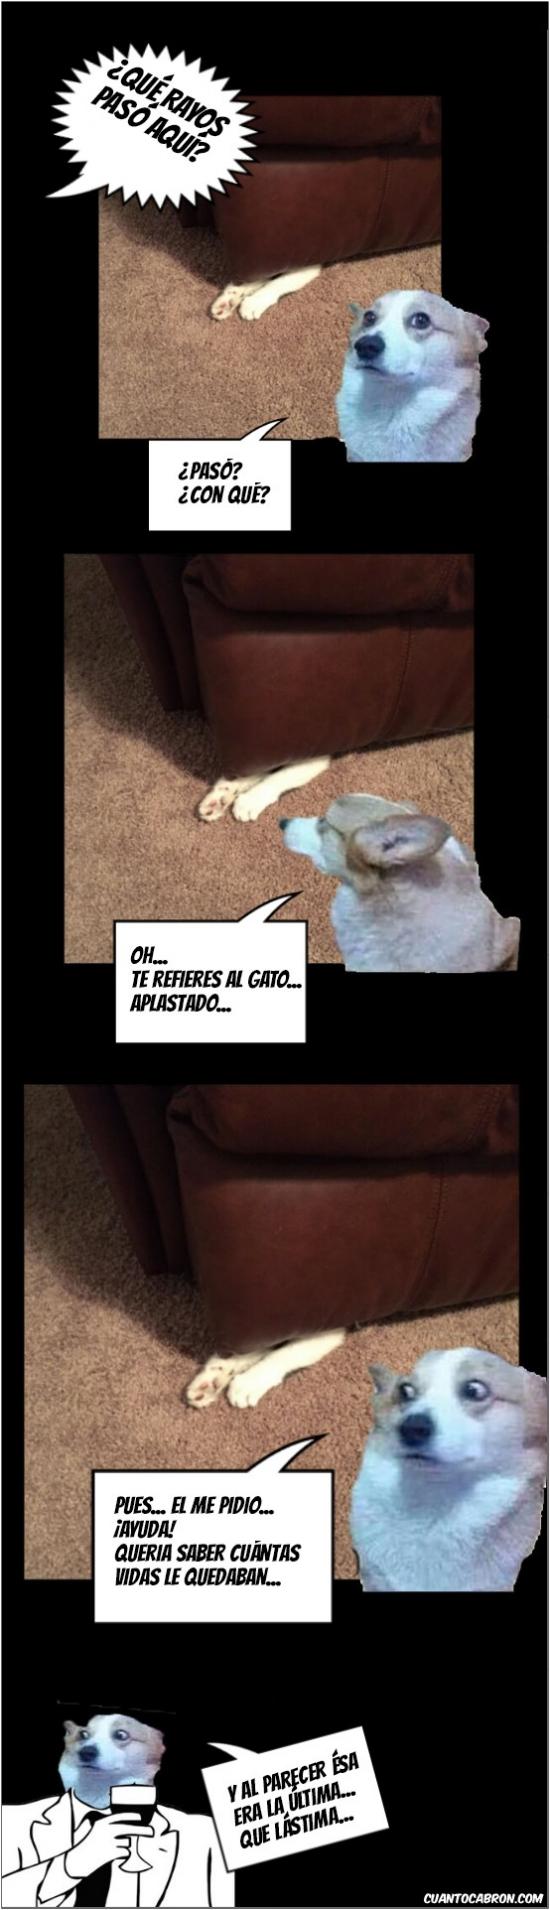 Otros - Así se comprueba las vidas que tiene un gato...